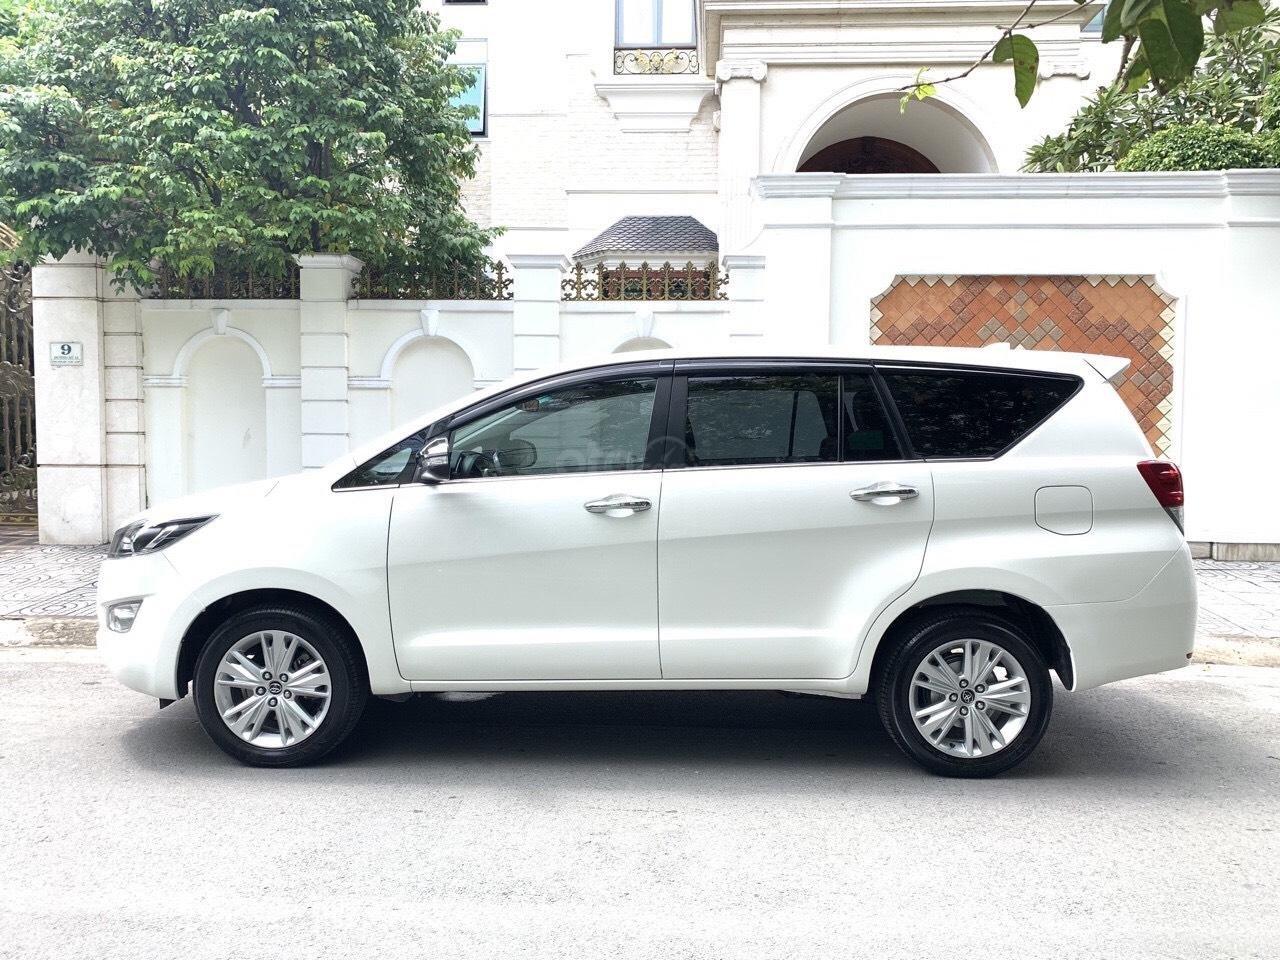 Bán Innova 2.0V sản xuất 2017, xe đẹp đi đúng 30.000km, bao kiểm tra tại hãng Toyota (7)